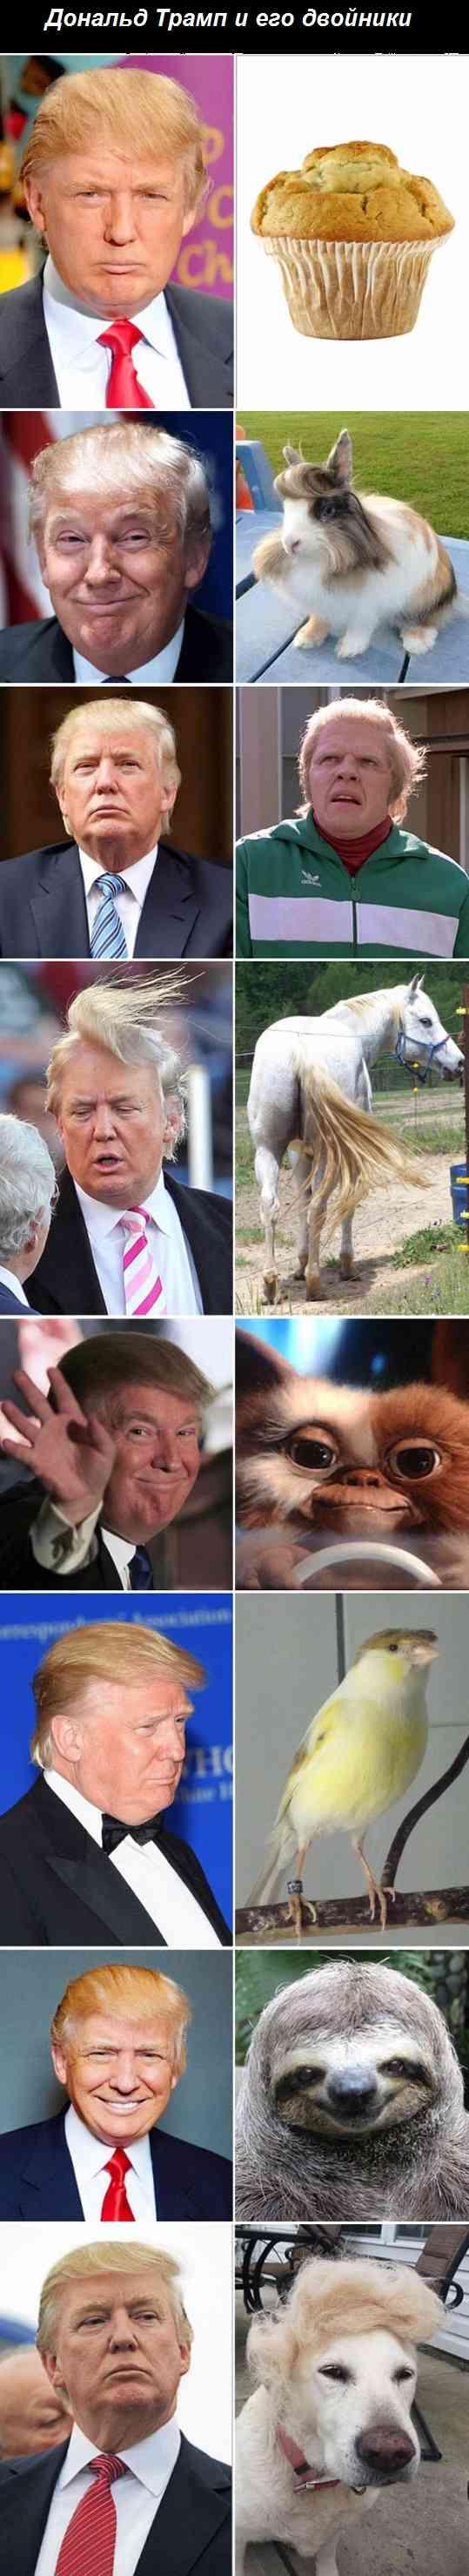 двойники Трампа